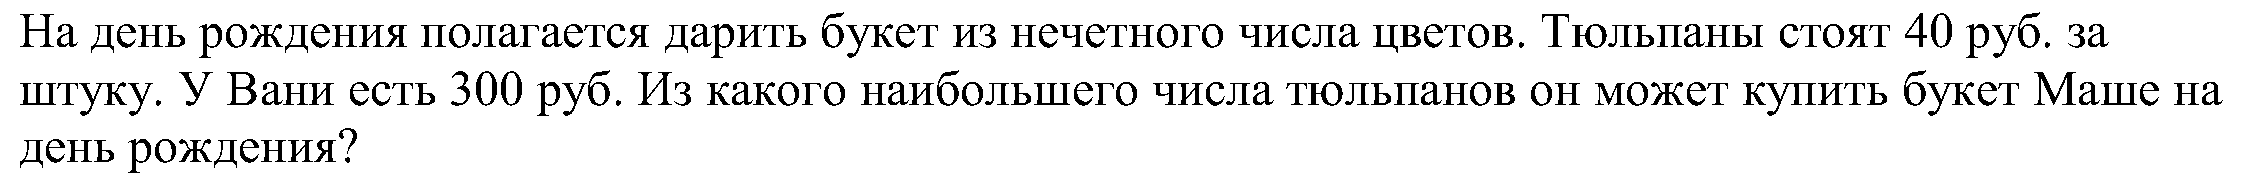 hello_html_m6e4e2840.png